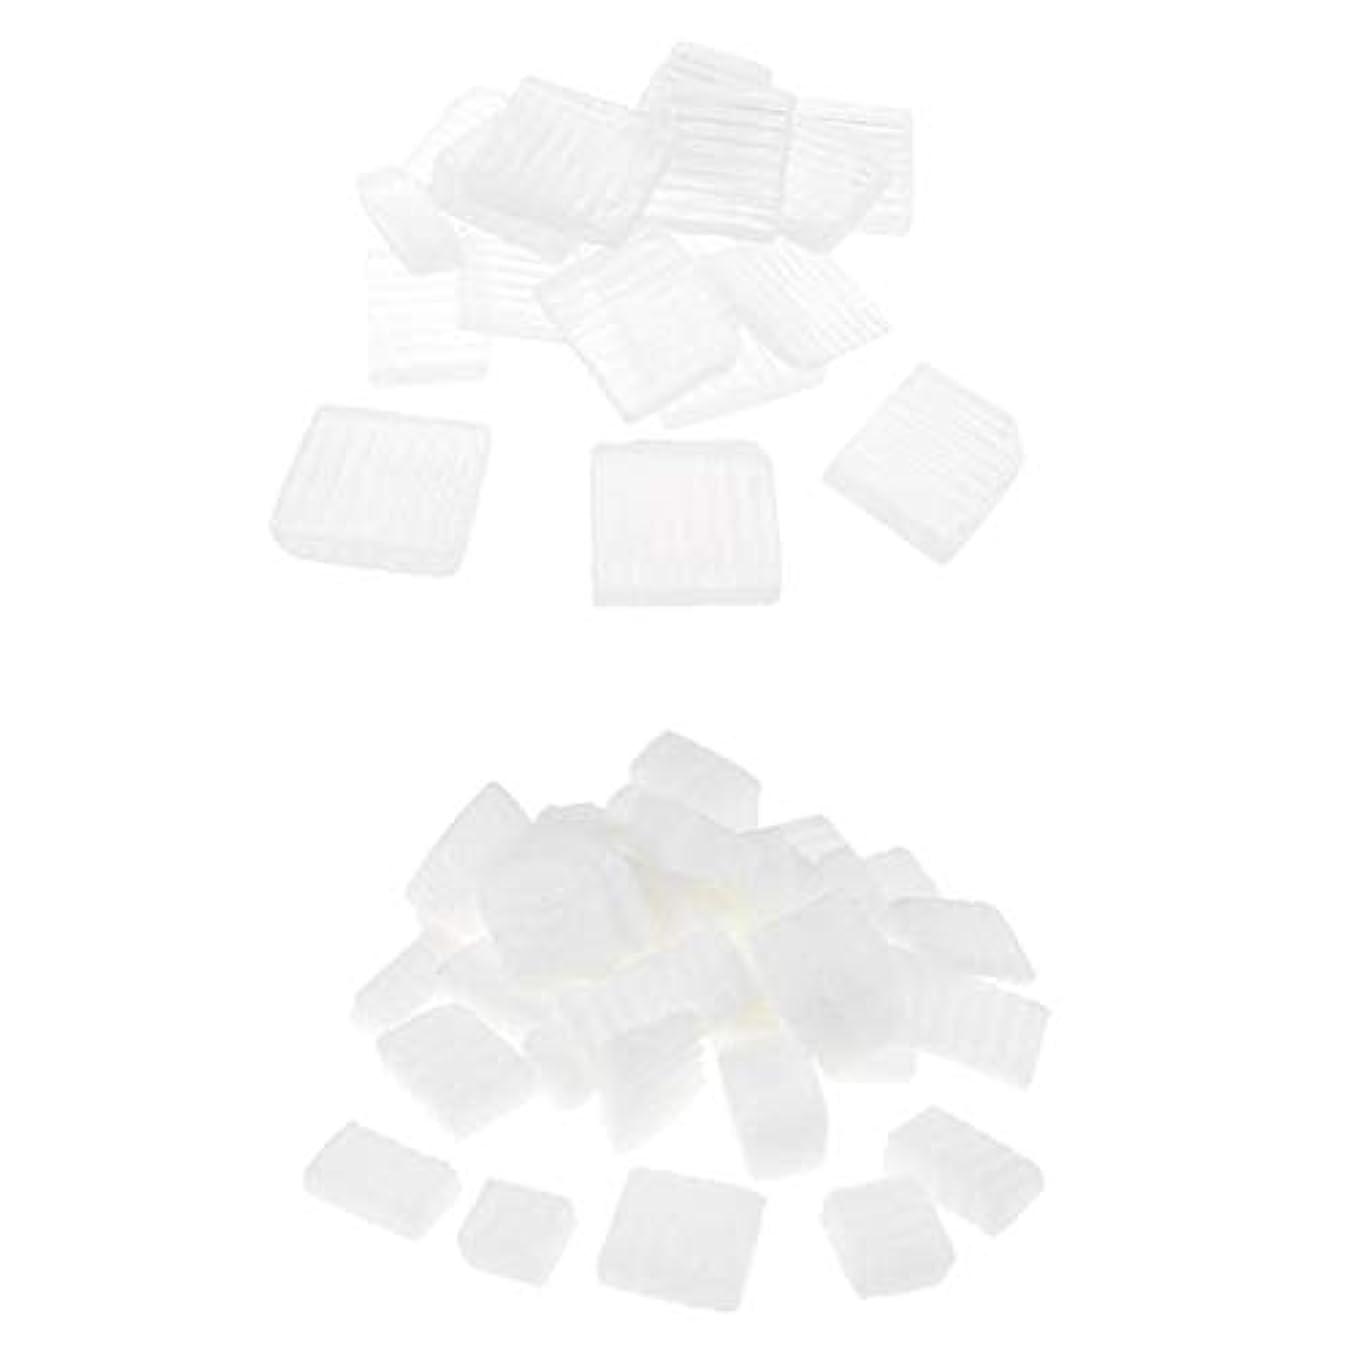 意味のある不和リーフレットBaoblaze 固形せっけん 2KG 2種 ホワイト 透明 DIYハンドメイド ソープ原料 石鹸製造 古典的